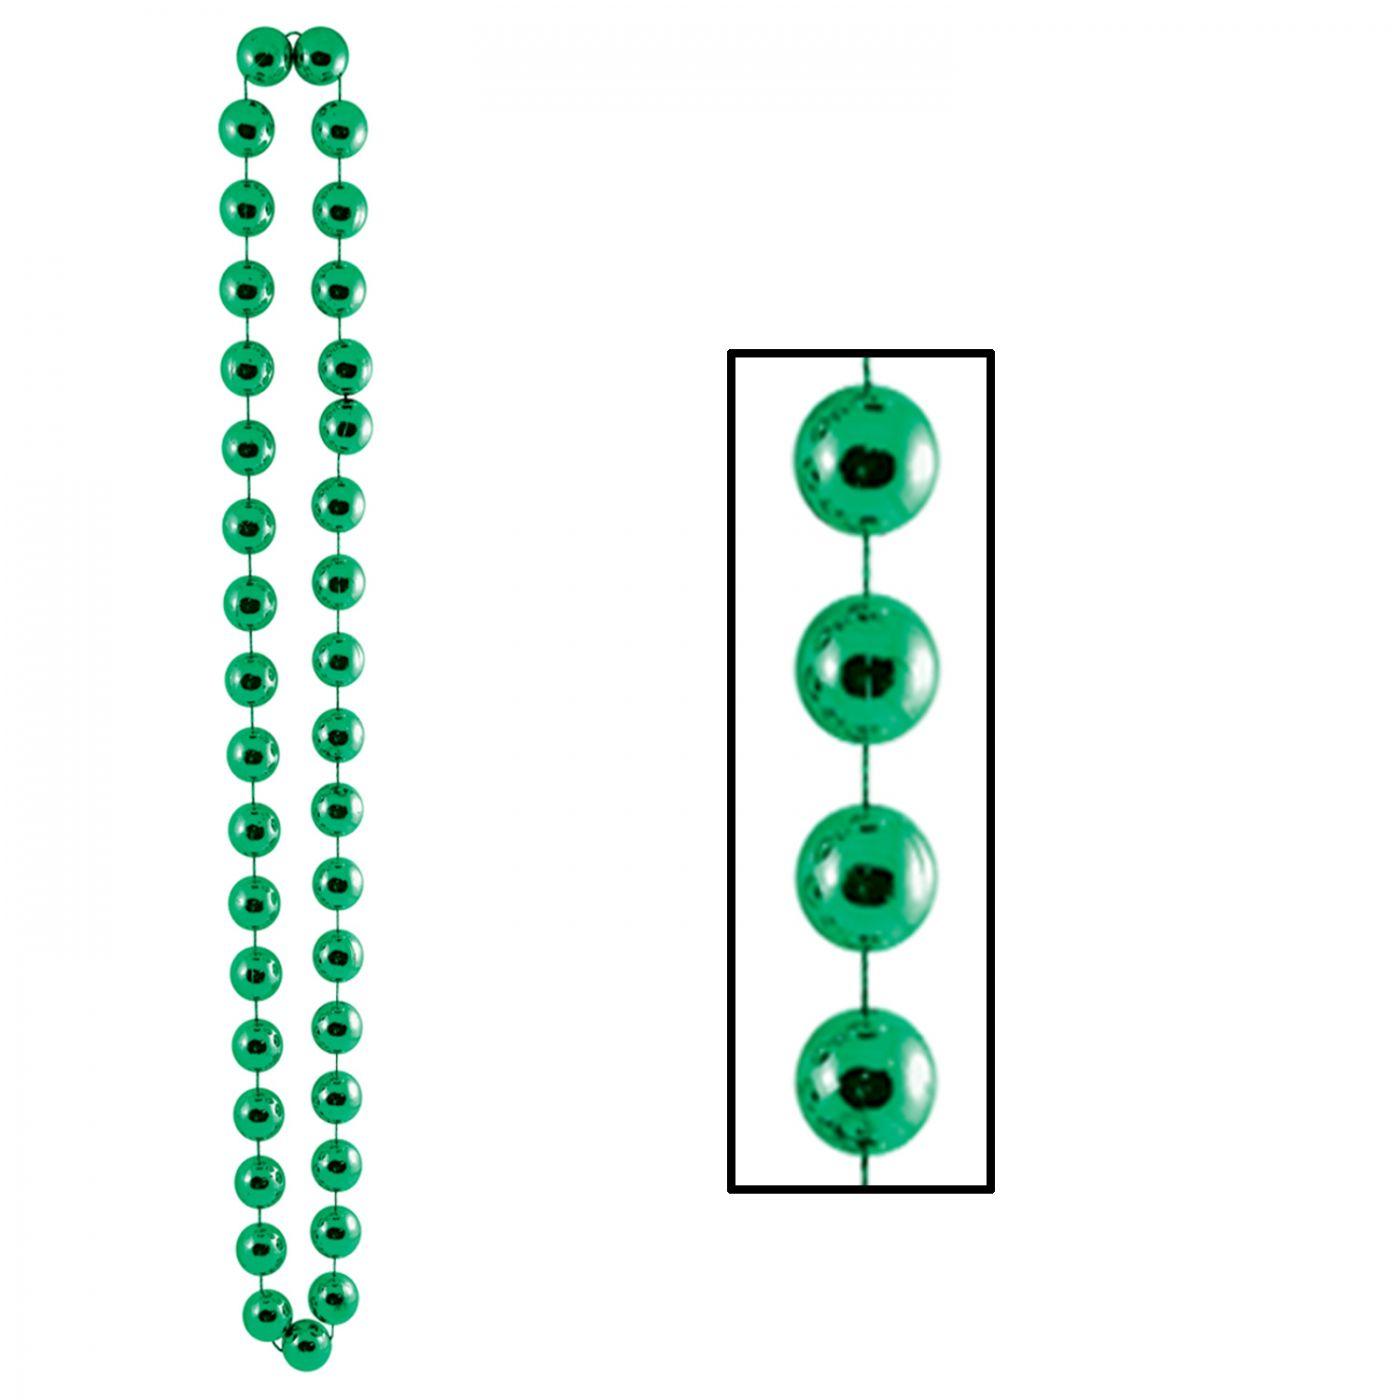 Jumbo Party Beads image